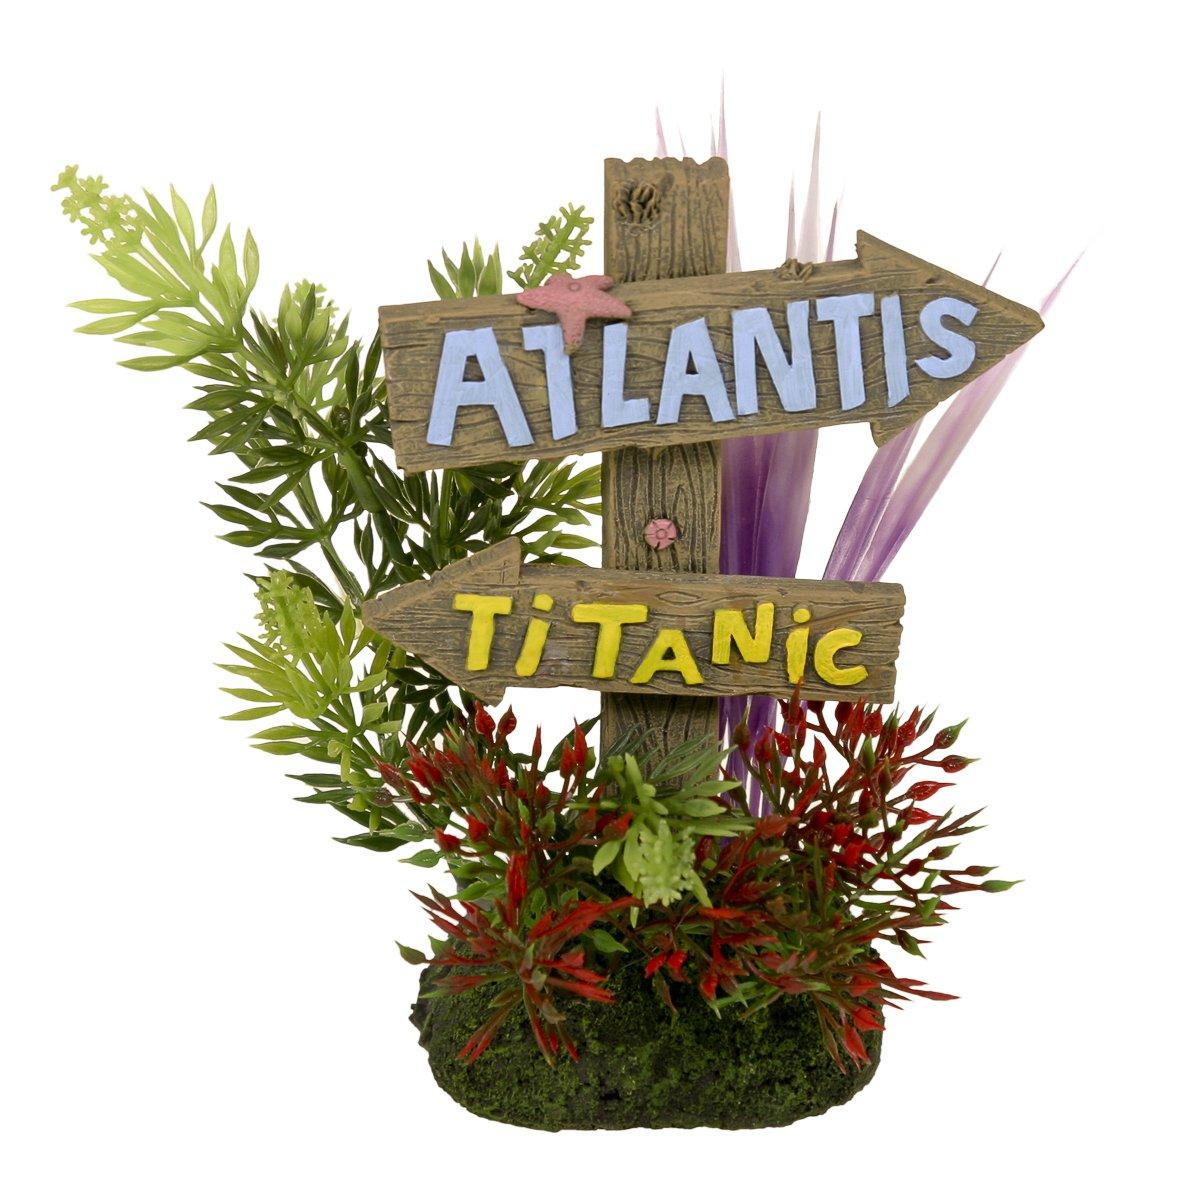 nuovo di marca blu Ribbon Ribbon Ribbon 006085 Exotic Ambienti Atlantis & Titanic Sign, Grande  outlet online economico